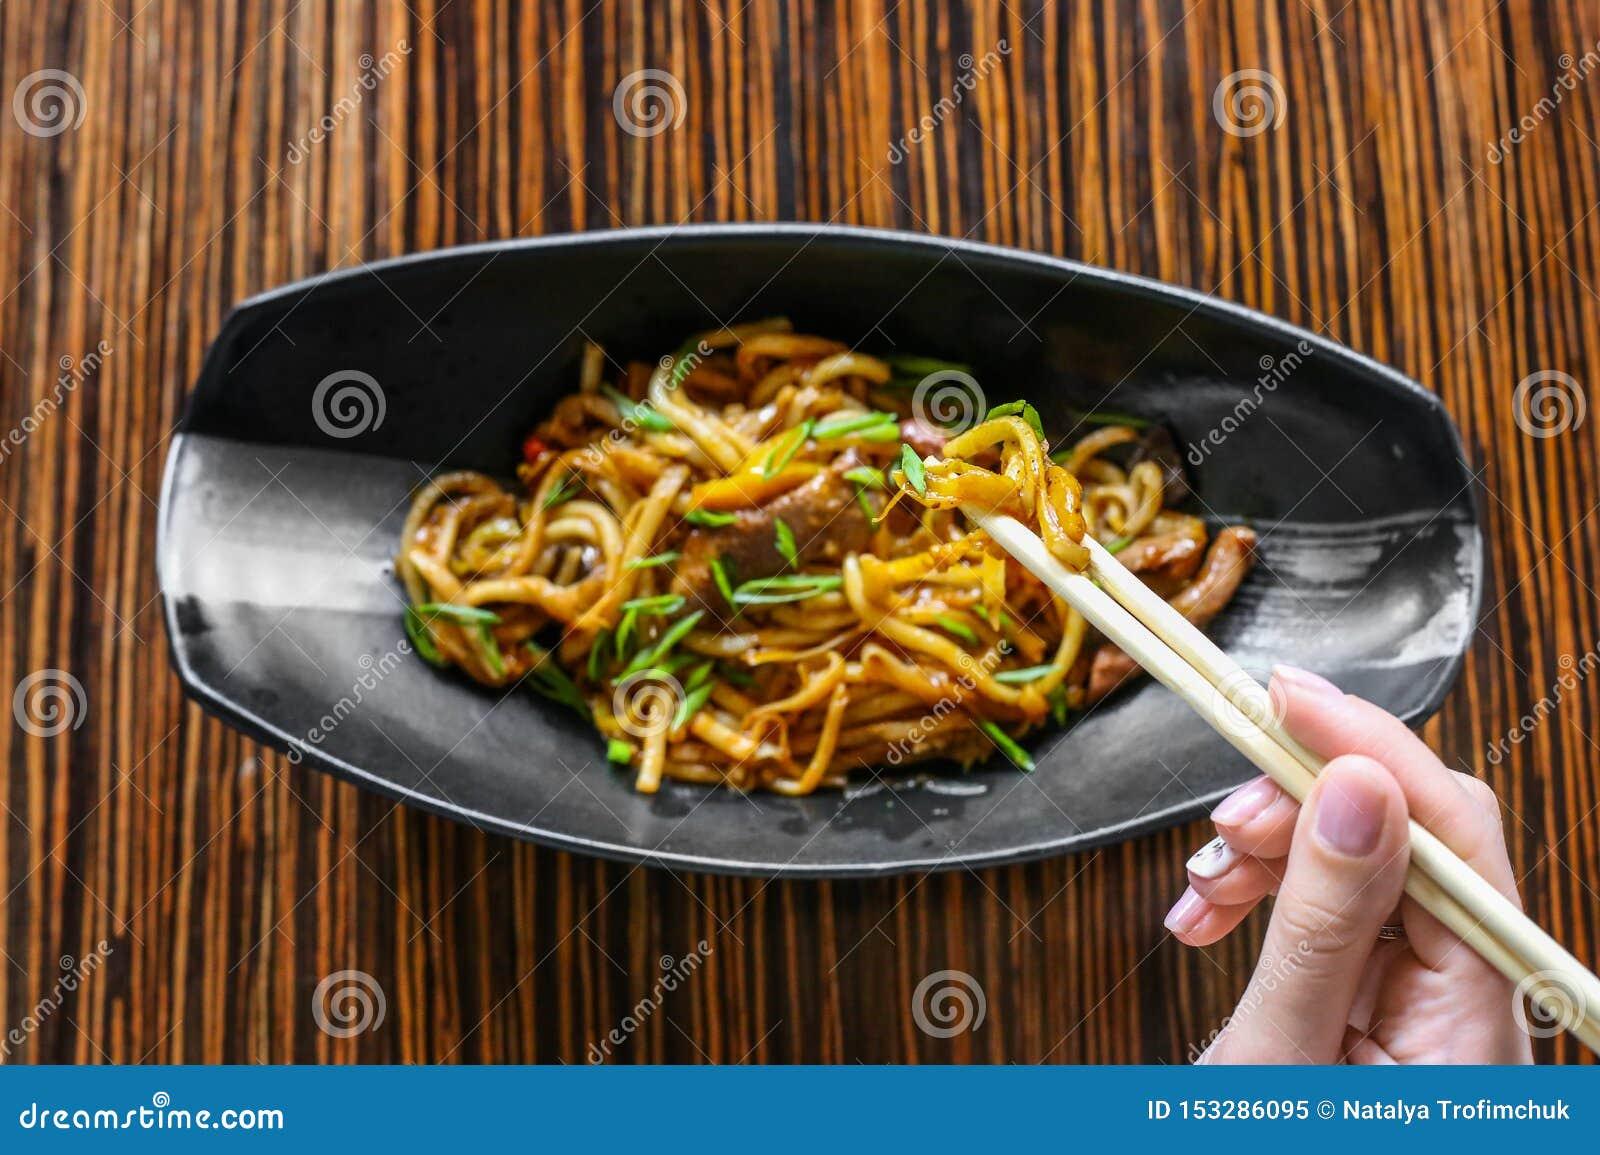 手使用筷子对提取鲜美面条 r